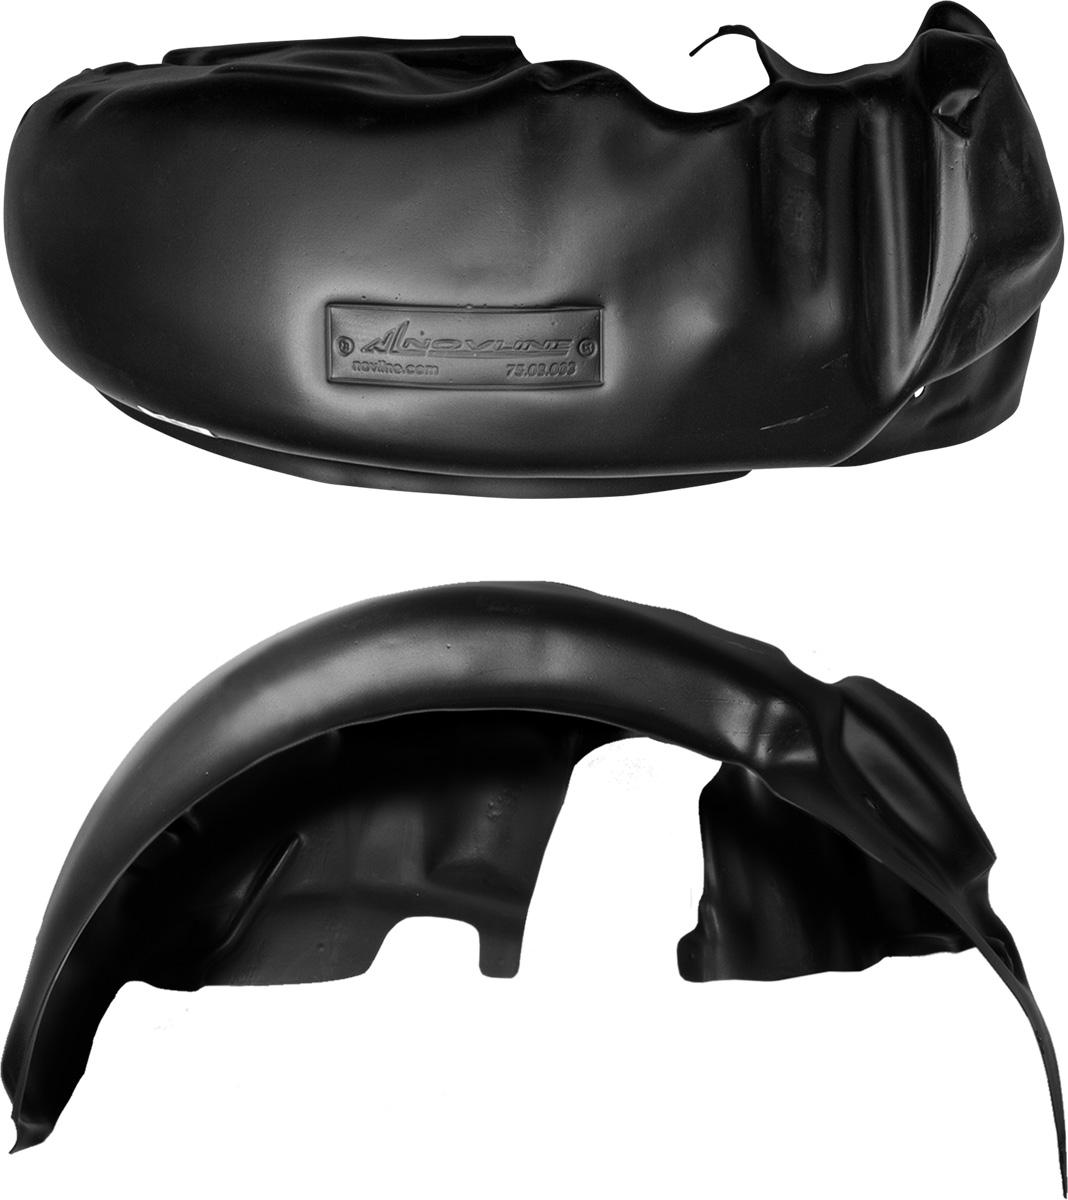 Подкрылок Novline-Autofamily, для Daewoo Matiz, 2005->, передний левый1901Колесные ниши - одни из самых уязвимых зон днища вашего автомобиля. Они постоянно подвергаются воздействию со стороны дороги. Лучшая, почти абсолютная защита для них - специально отформованные пластиковые кожухи, которые называются подкрылками. Производятся они как для отечественных моделей автомобилей, так и для иномарок. Подкрылки Novline-Autofamily выполнены из высококачественного, экологически чистого пластика. Обеспечивают надежную защиту кузова автомобиля от пескоструйного эффекта и негативного влияния, агрессивных антигололедных реагентов. Пластик обладает более низкой теплопроводностью, чем металл, поэтому в зимний период эксплуатации использование пластиковых подкрылков позволяет лучше защитить колесные ниши от налипания снега и образования наледи. Оригинальность конструкции подчеркивает элегантность автомобиля, бережно защищает нанесенное на днище кузова антикоррозийное покрытие и позволяет осуществить крепление подкрылков внутри колесной арки практически без дополнительного крепежа и сверления, не нарушая при этом лакокрасочного покрытия, что предотвращает возникновение новых очагов коррозии. Подкрылки долговечны, обладают высокой прочностью и сохраняют заданную форму, а также все свои физико-механические характеристики в самых тяжелых климатических условиях (от -50°С до +50°С).Уважаемые клиенты!Обращаем ваше внимание, на тот факт, что подкрылок имеет форму, соответствующую модели данного автомобиля. Фото служит для визуального восприятия товара.